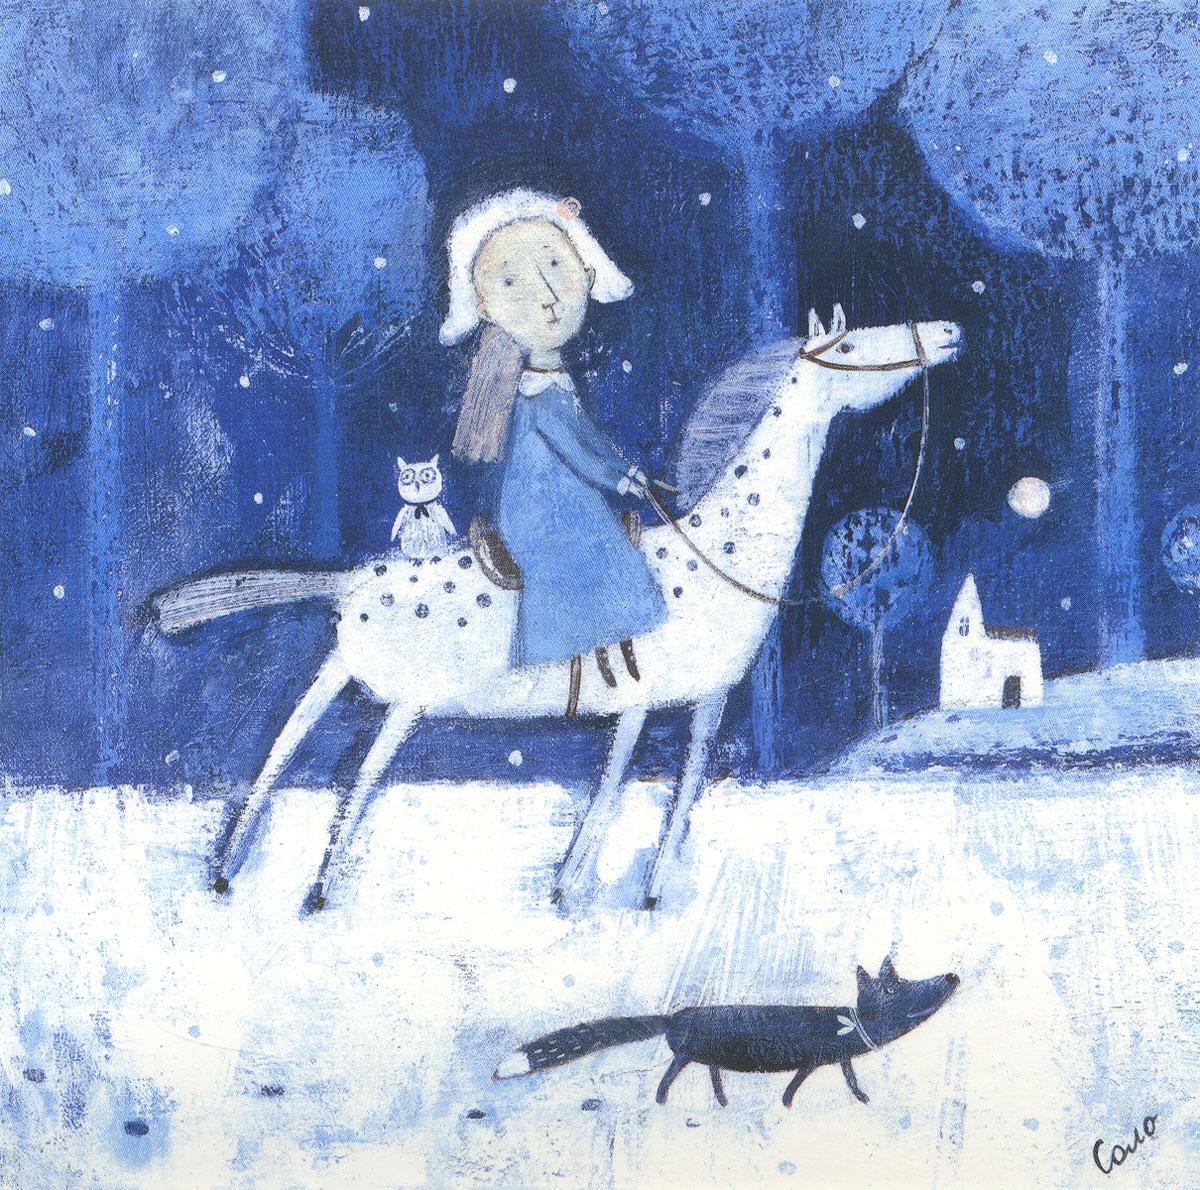 Открытка Зимняя прогулка. Автор Соловьева Светлана открытка кофе в постель автор светлана соловьева